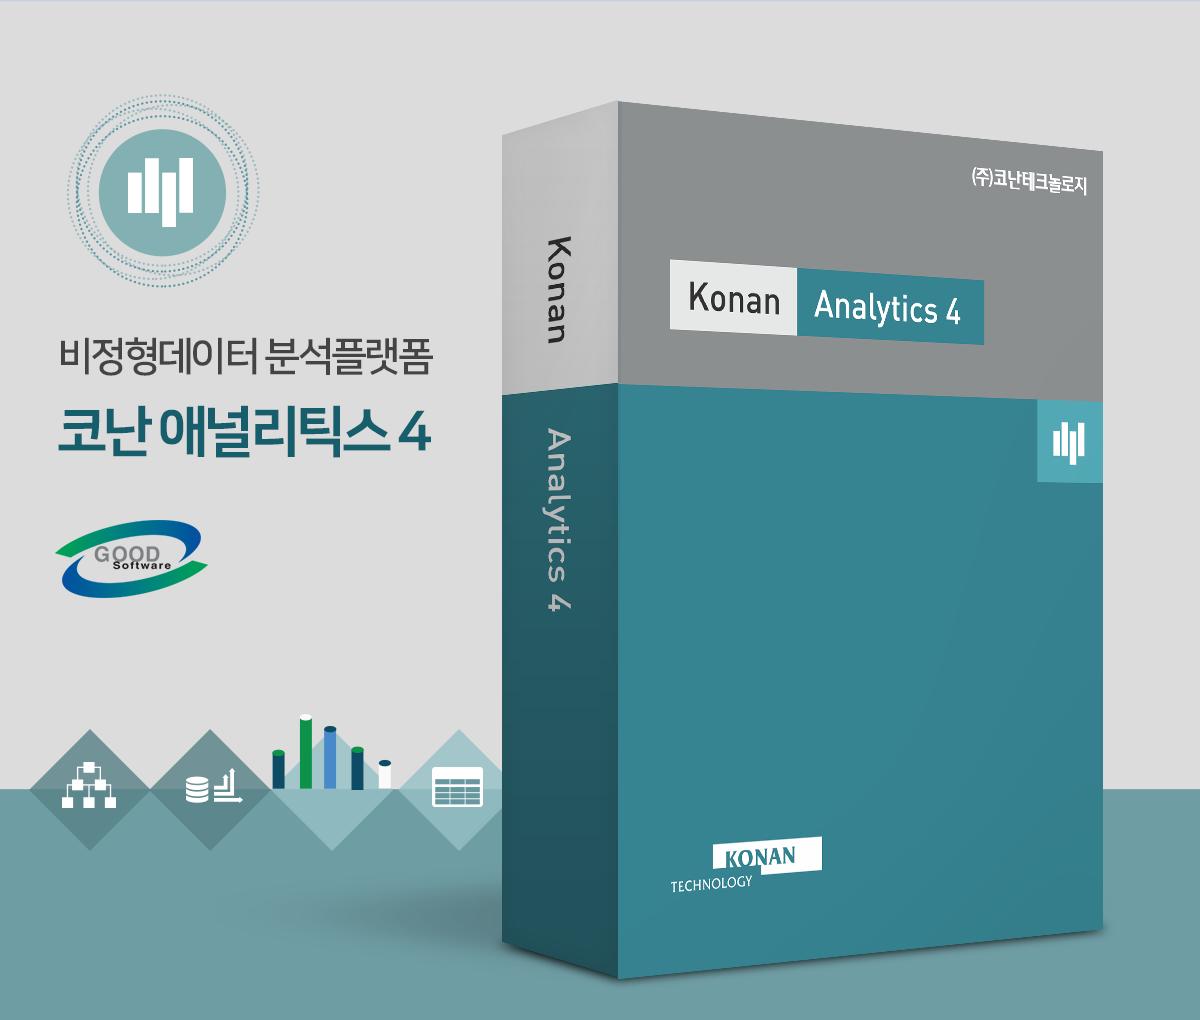 패키지박스_Konan-Analytics-4